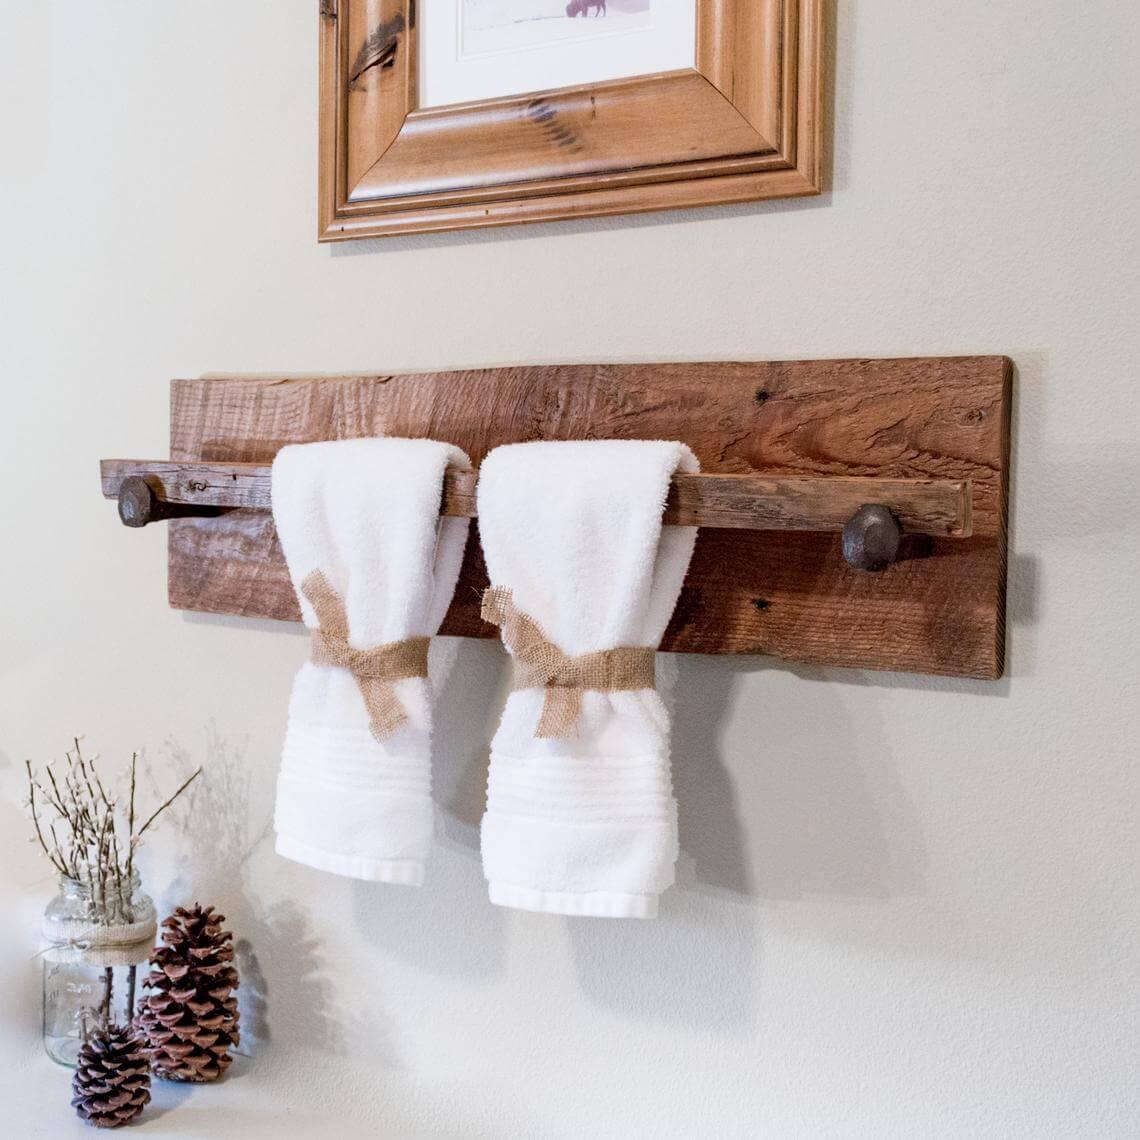 Rustic Wooden Towel Rack